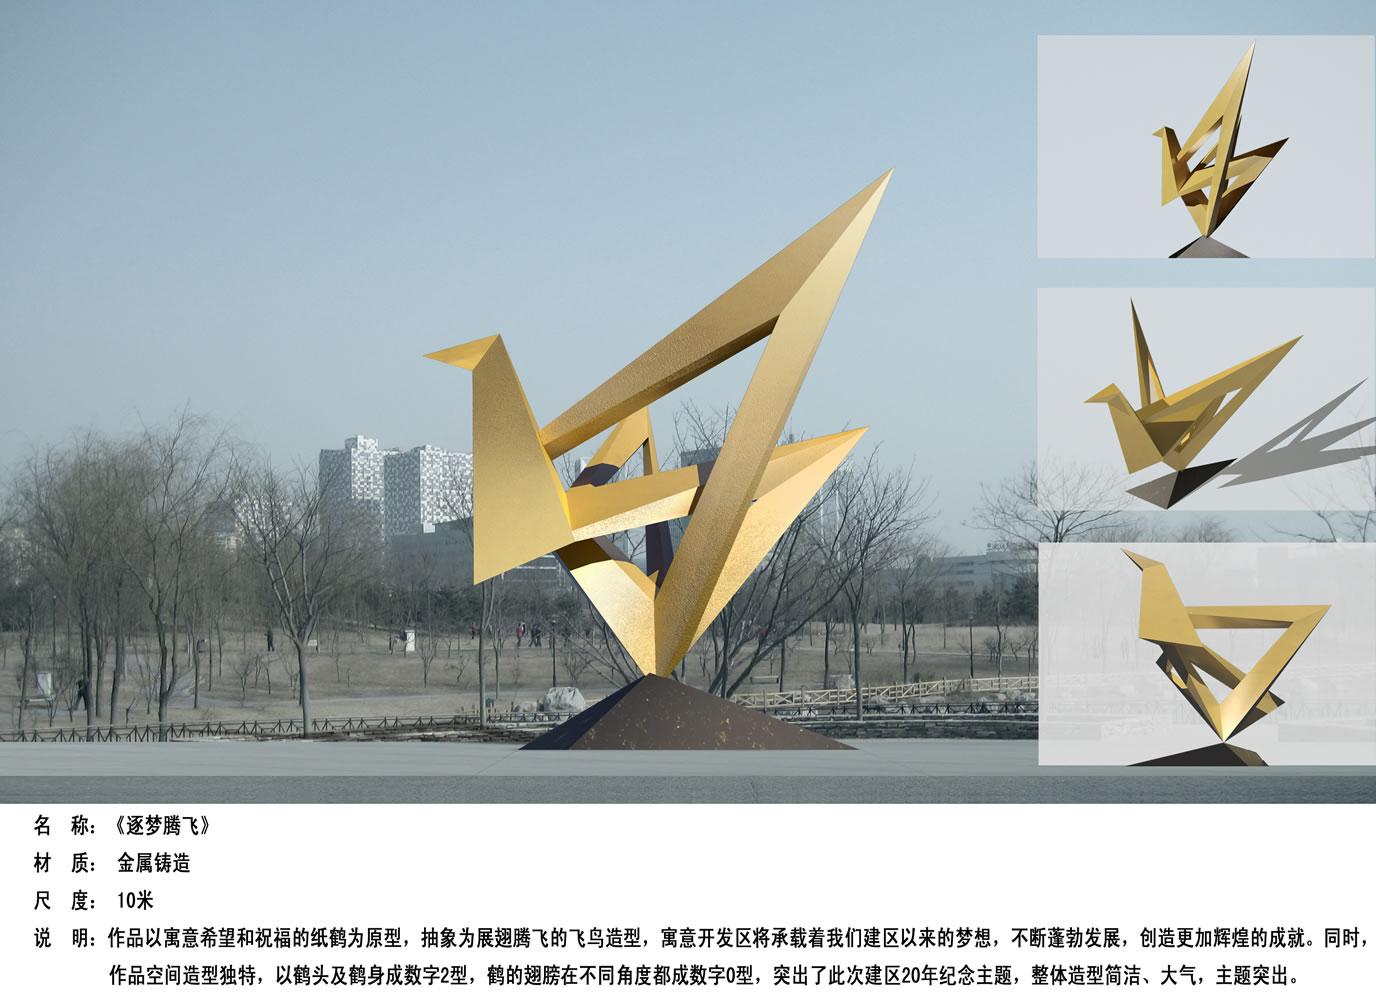 树叶:以抽象几何体进行立体构成而表现的枝叶(青铜),象征开发区人民